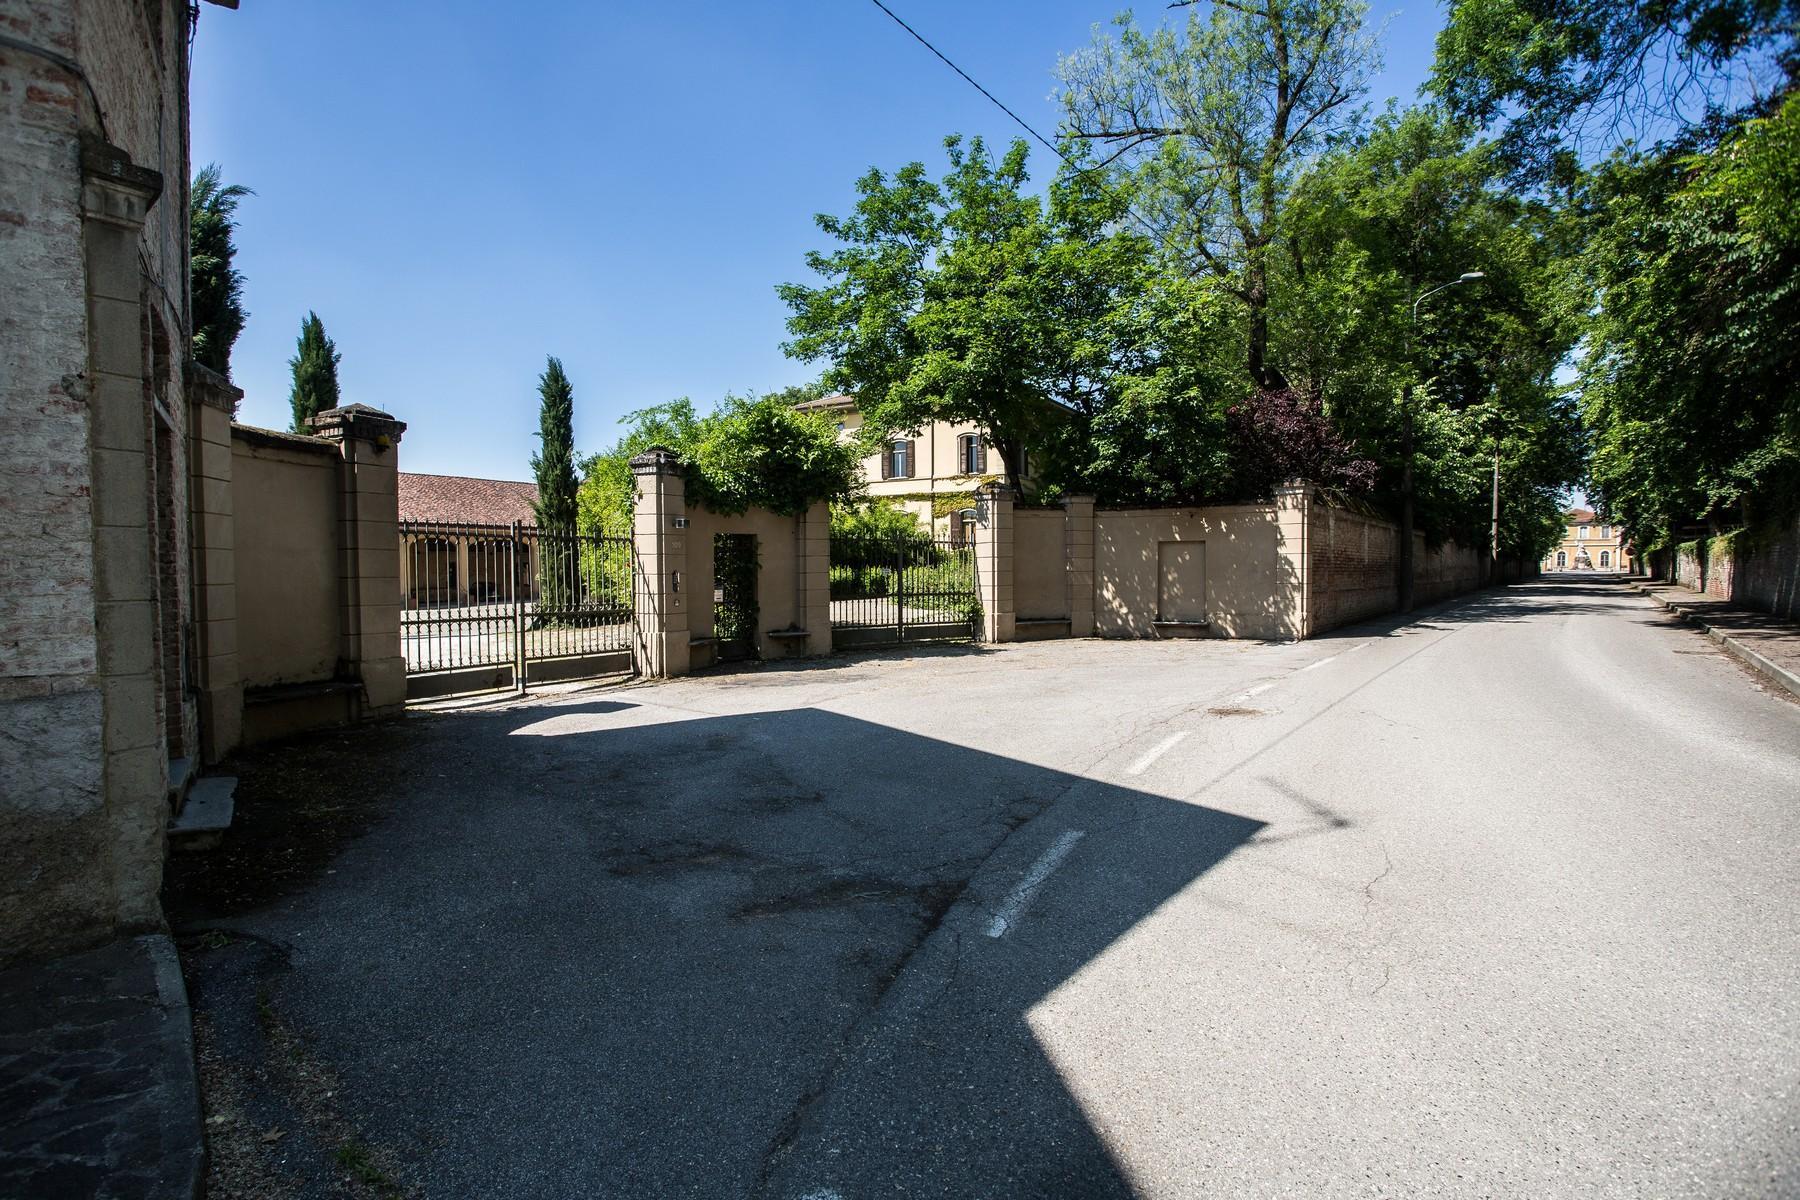 位于Cremona乡村内且拥有大公园的历史久远的别墅 - 4